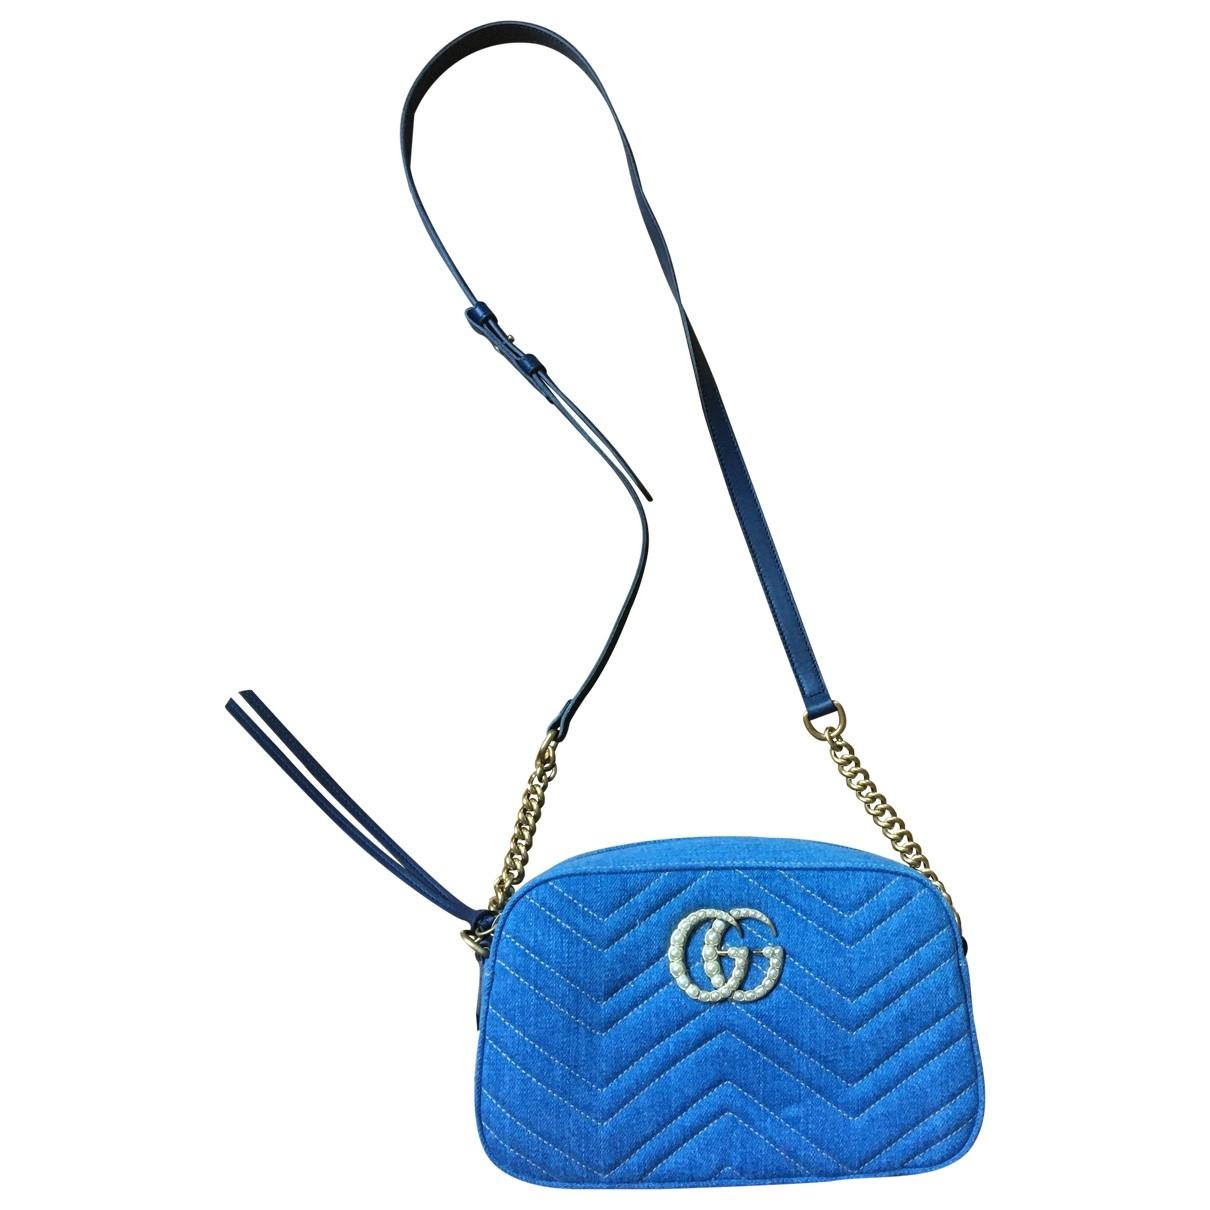 Gucci - Sac a main Marmont pour femme en denim - bleu